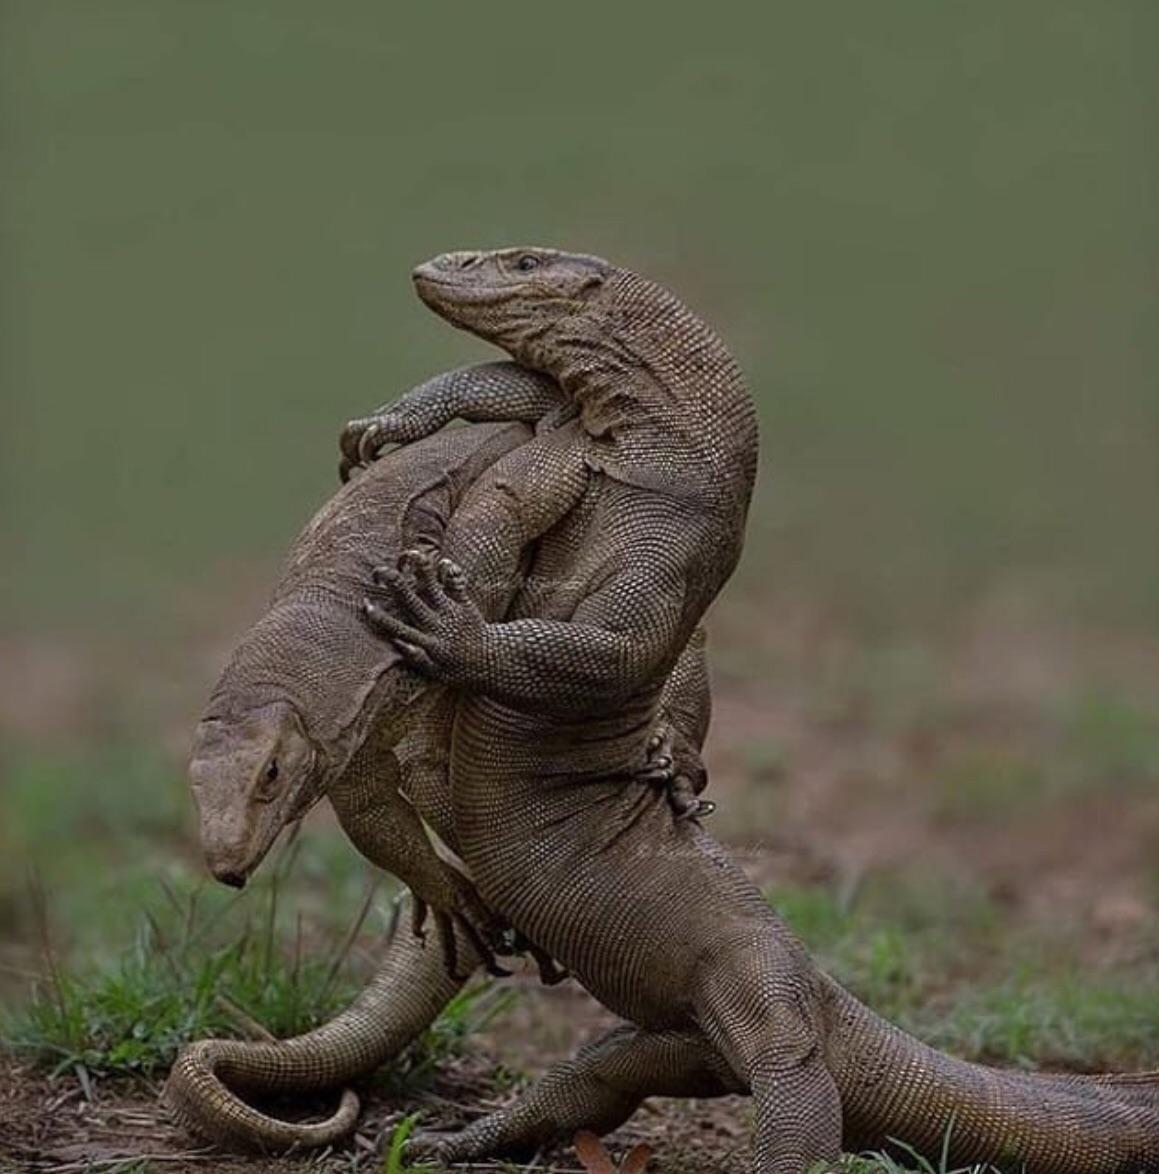 Lizard vs Gecko fight comparison who will win? Monitor